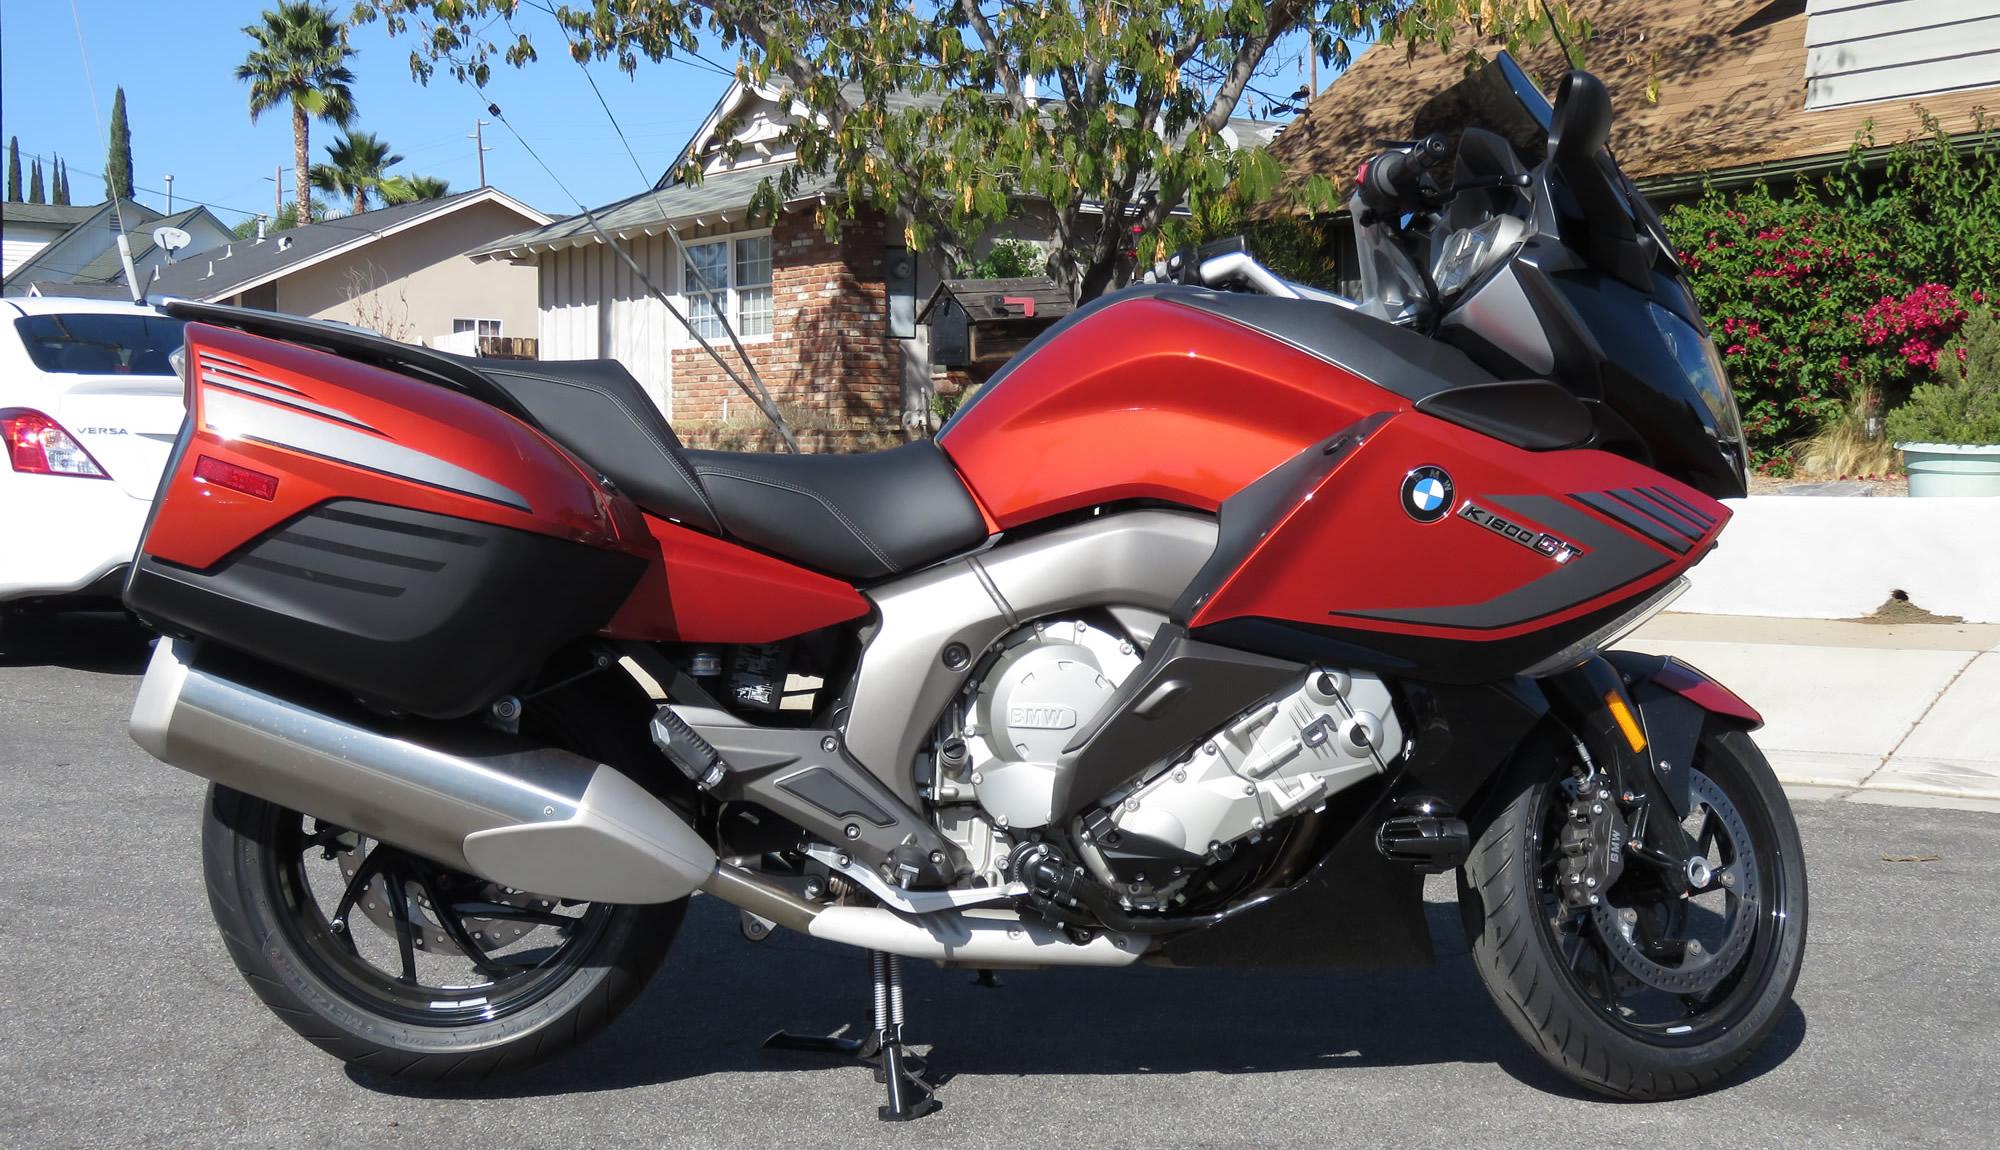 My BMW K1600GT